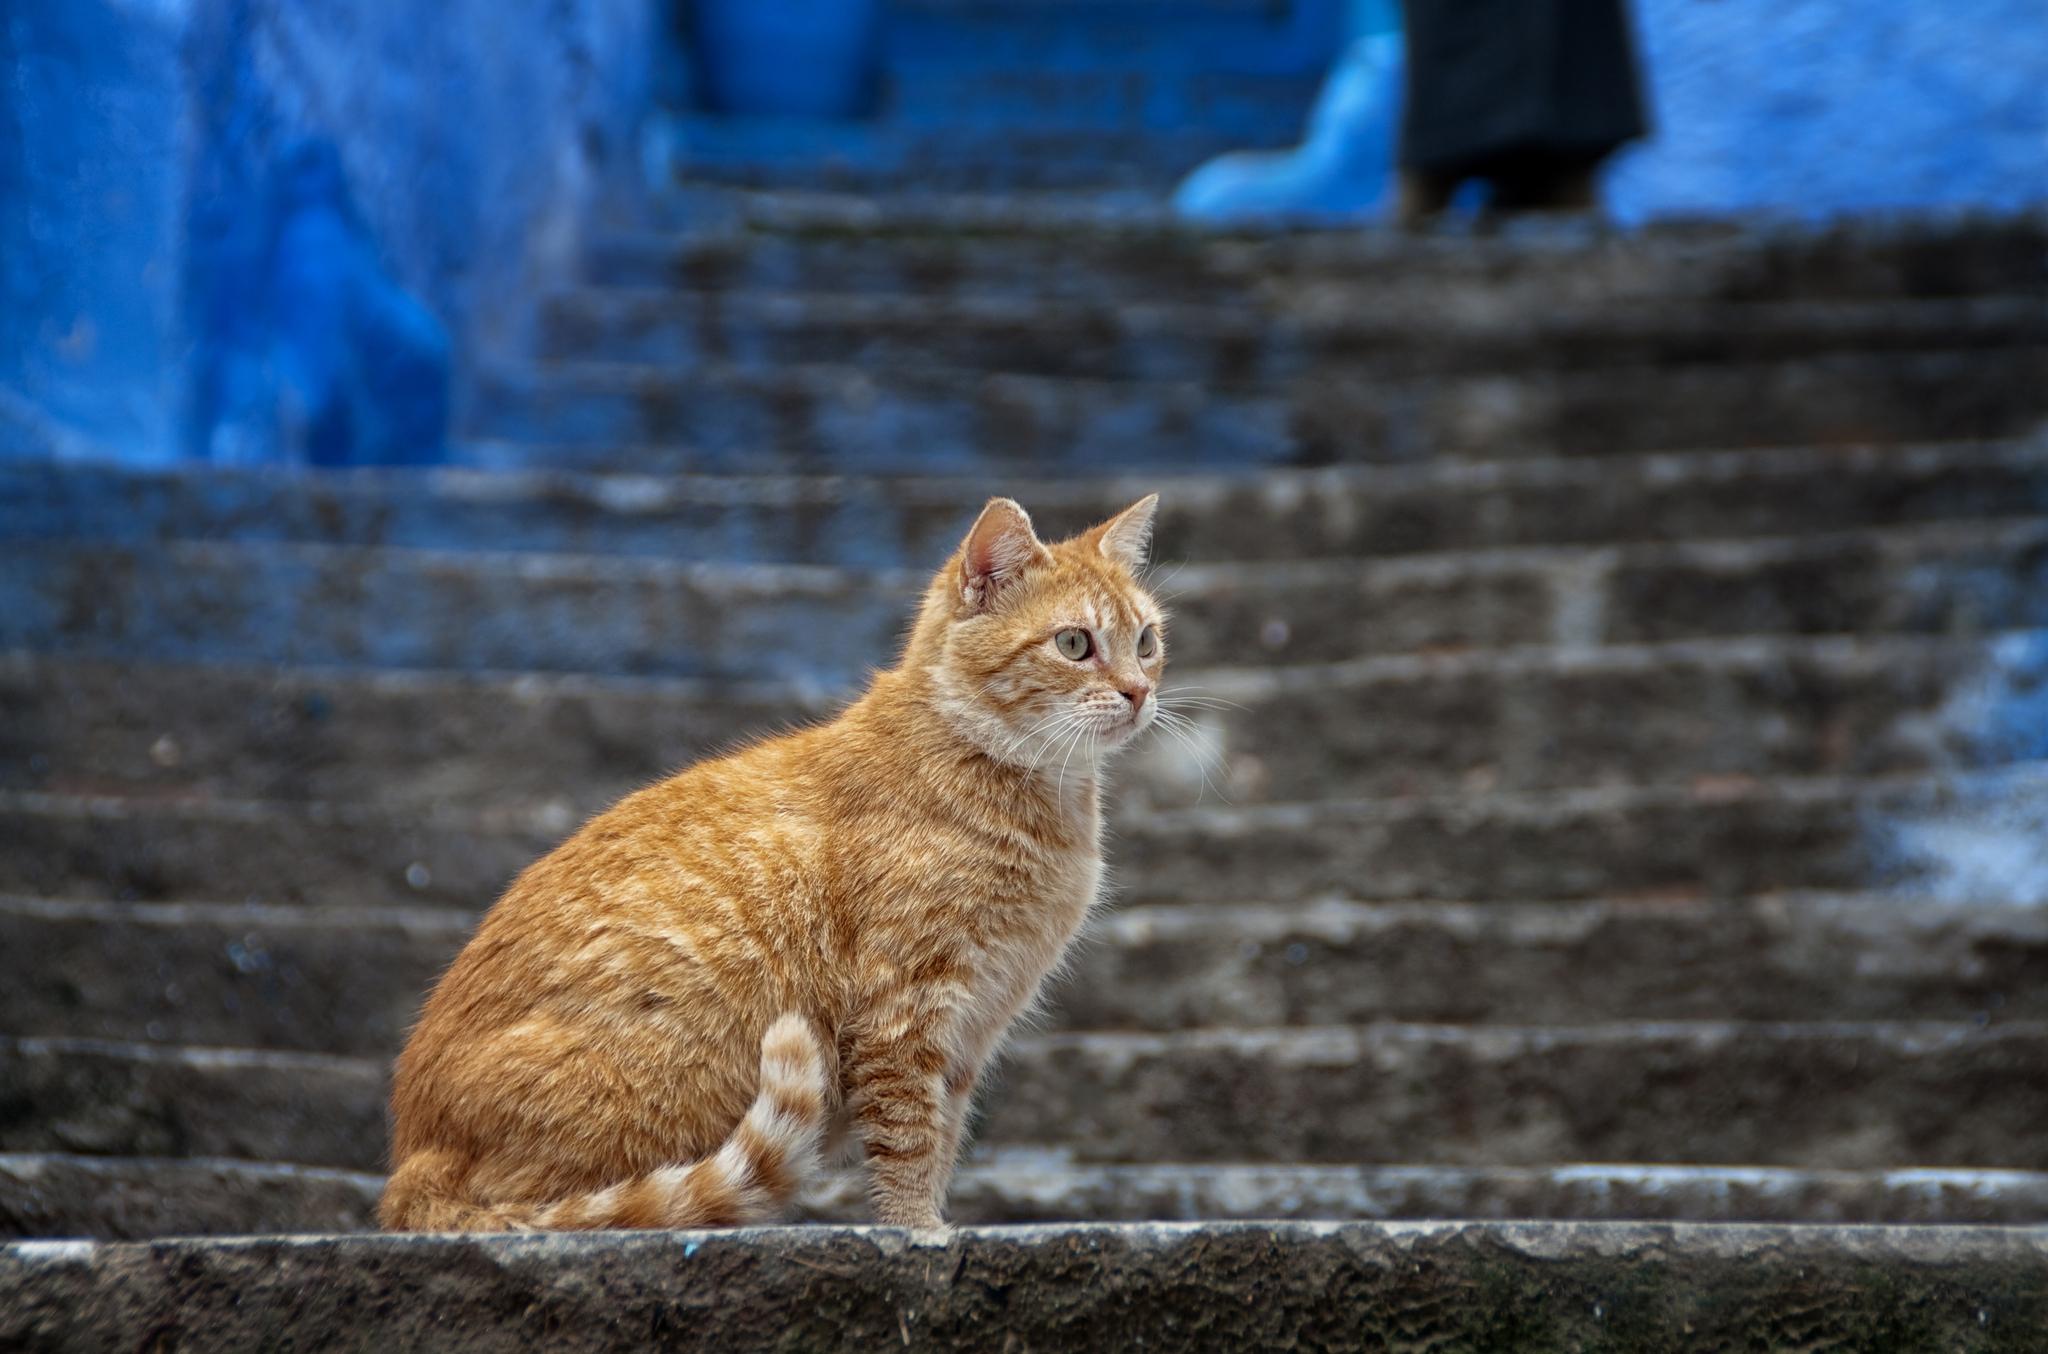 Рыжая на лестнице 7 фотография